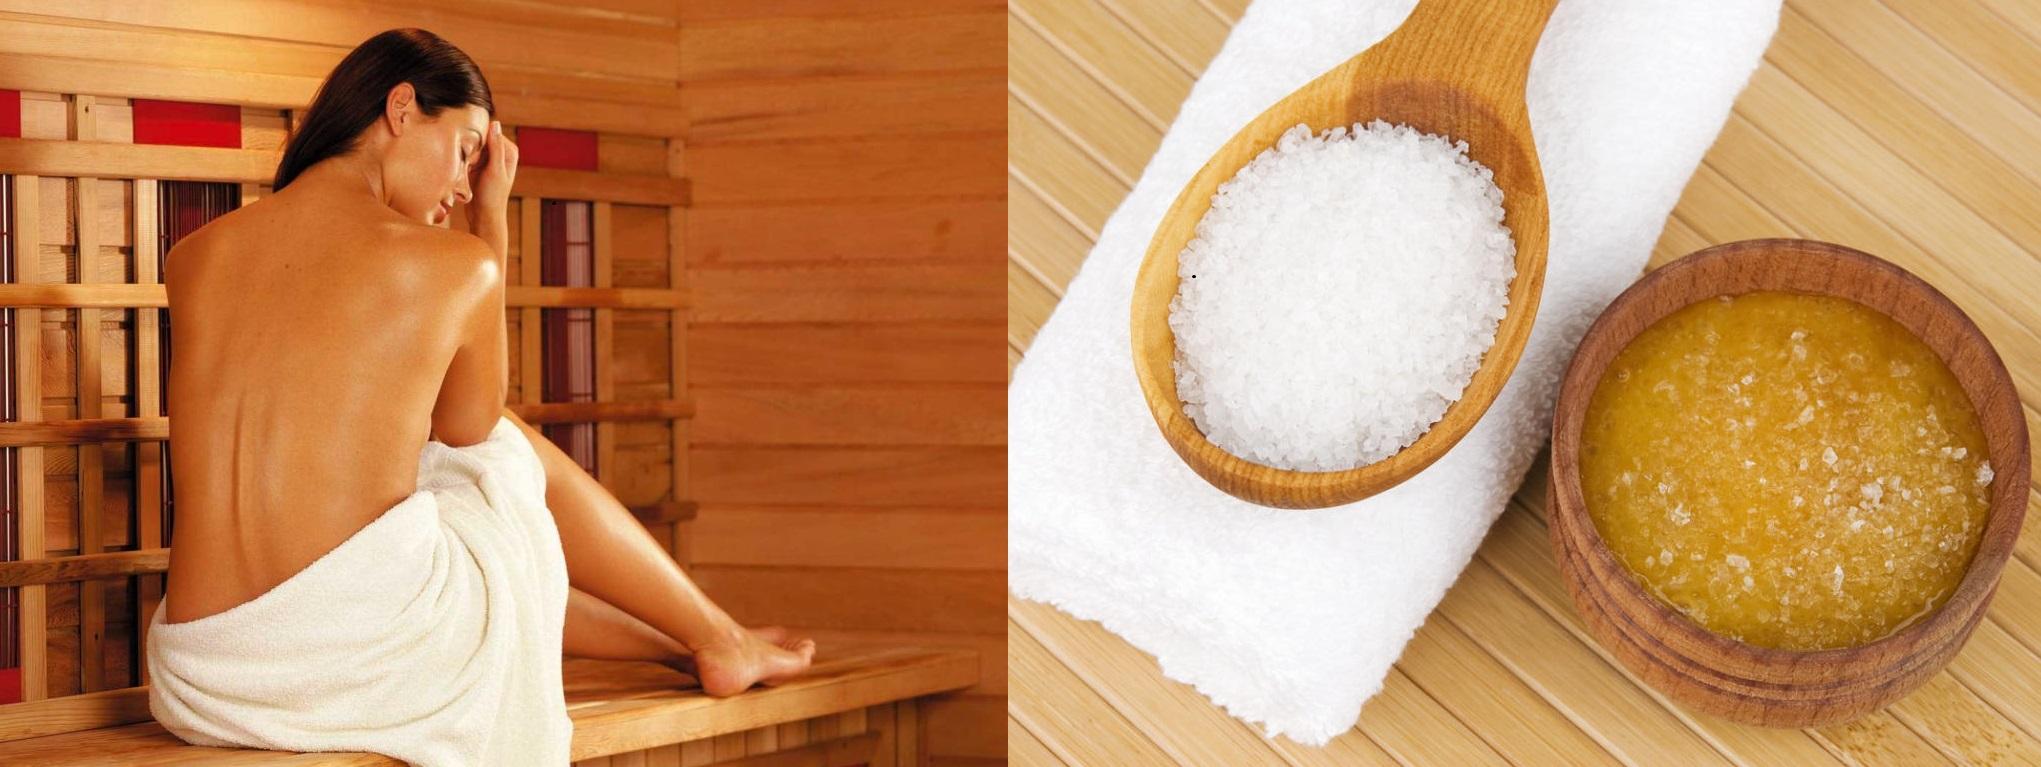 Что делать для похудения в бане